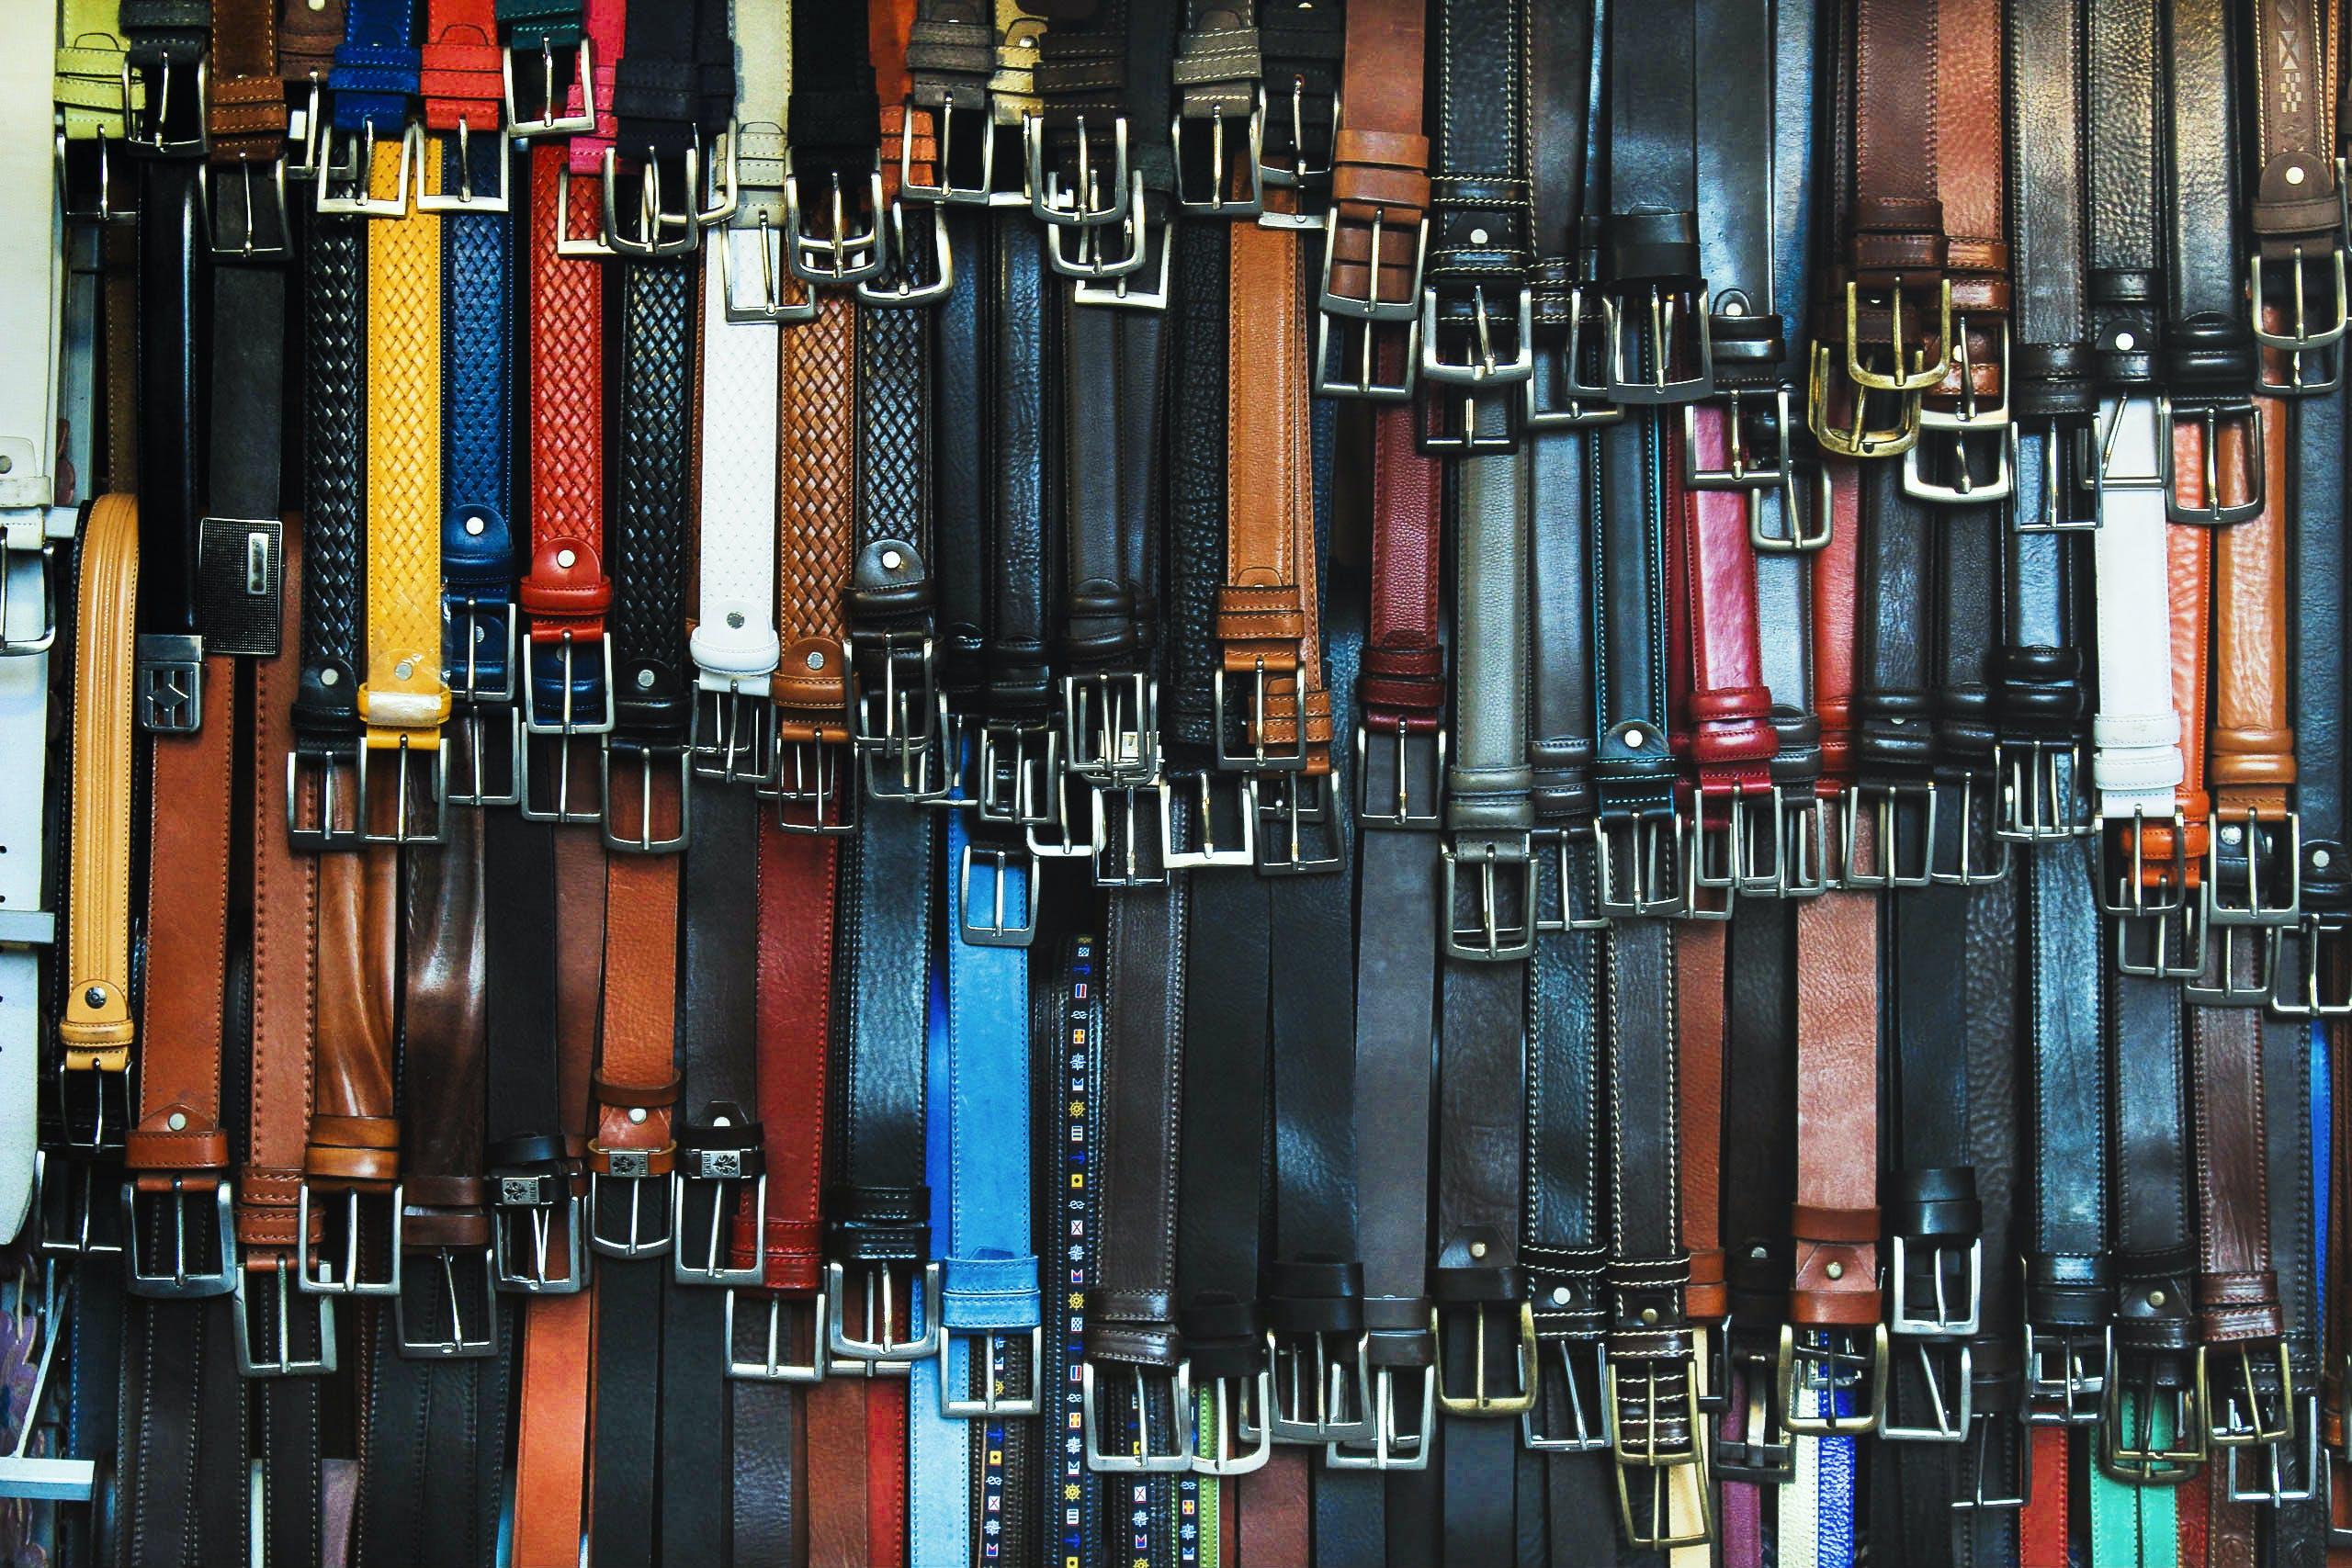 Kostnadsfri bild av bälten, fabrik, hängande, hylla